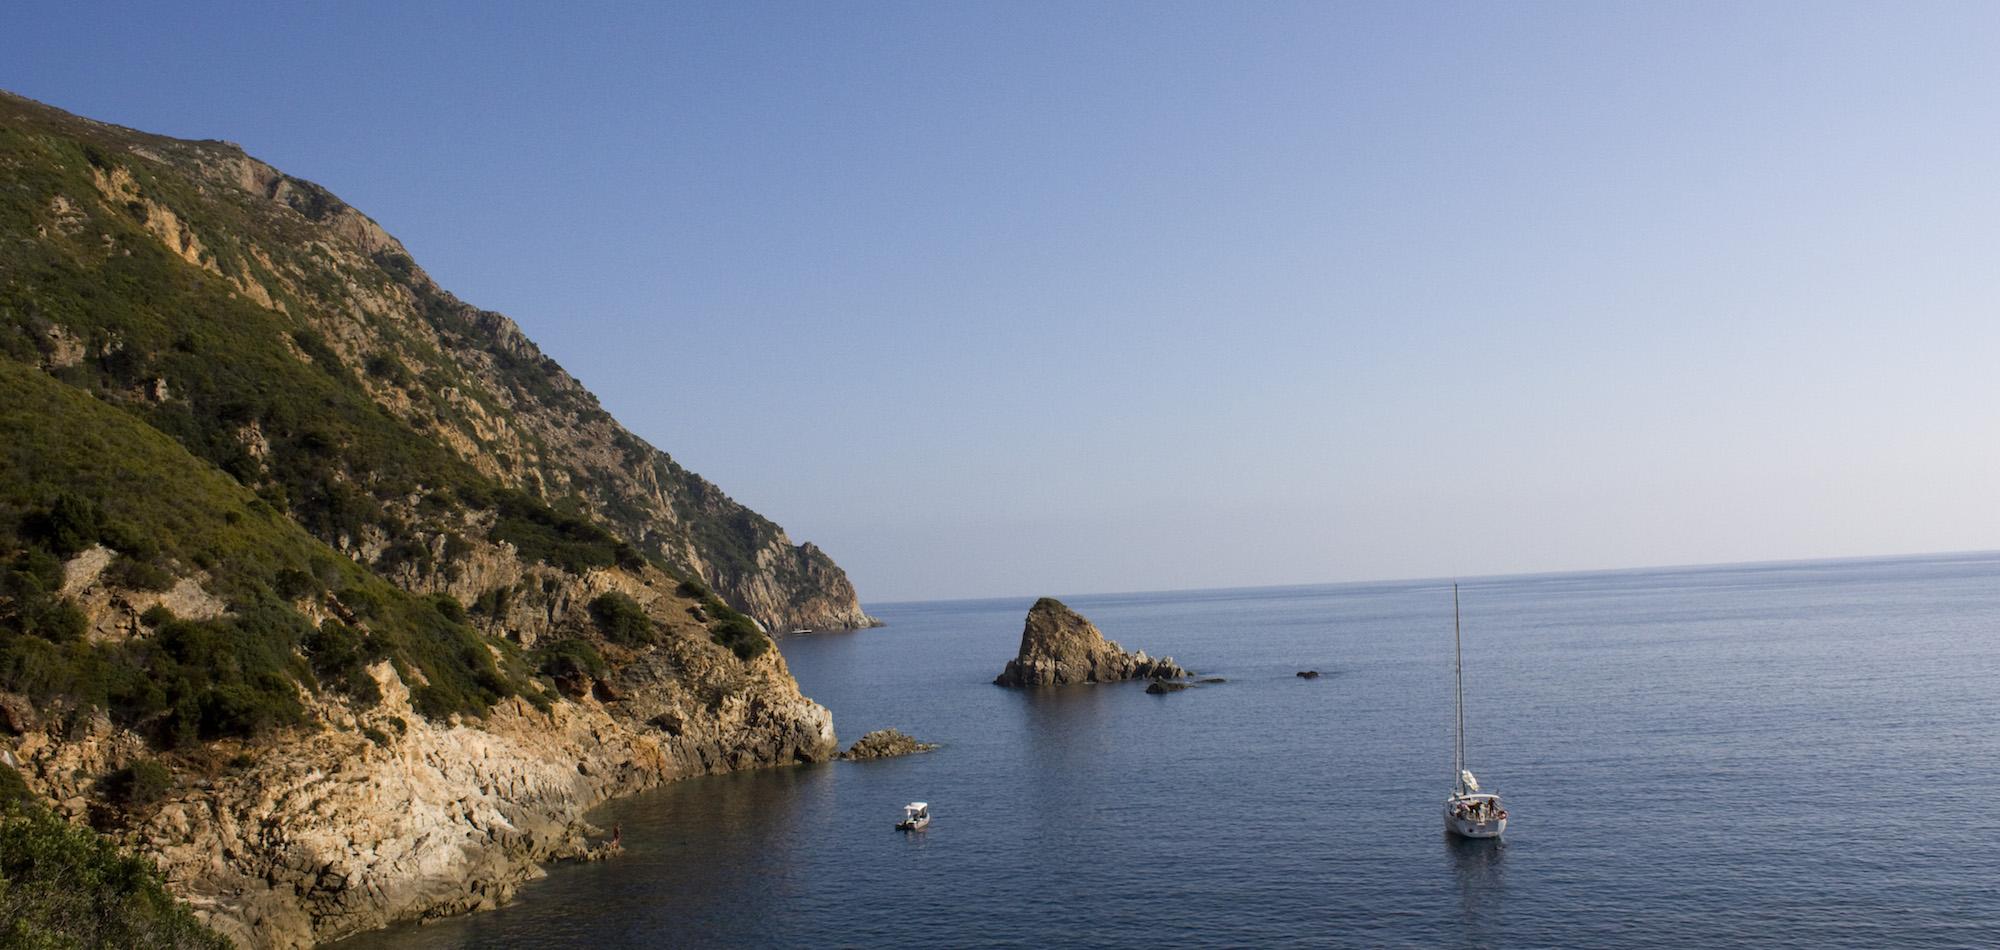 Isola del Giglio - La leggenda di San Mamiliano - Toscana Ovunque Bella